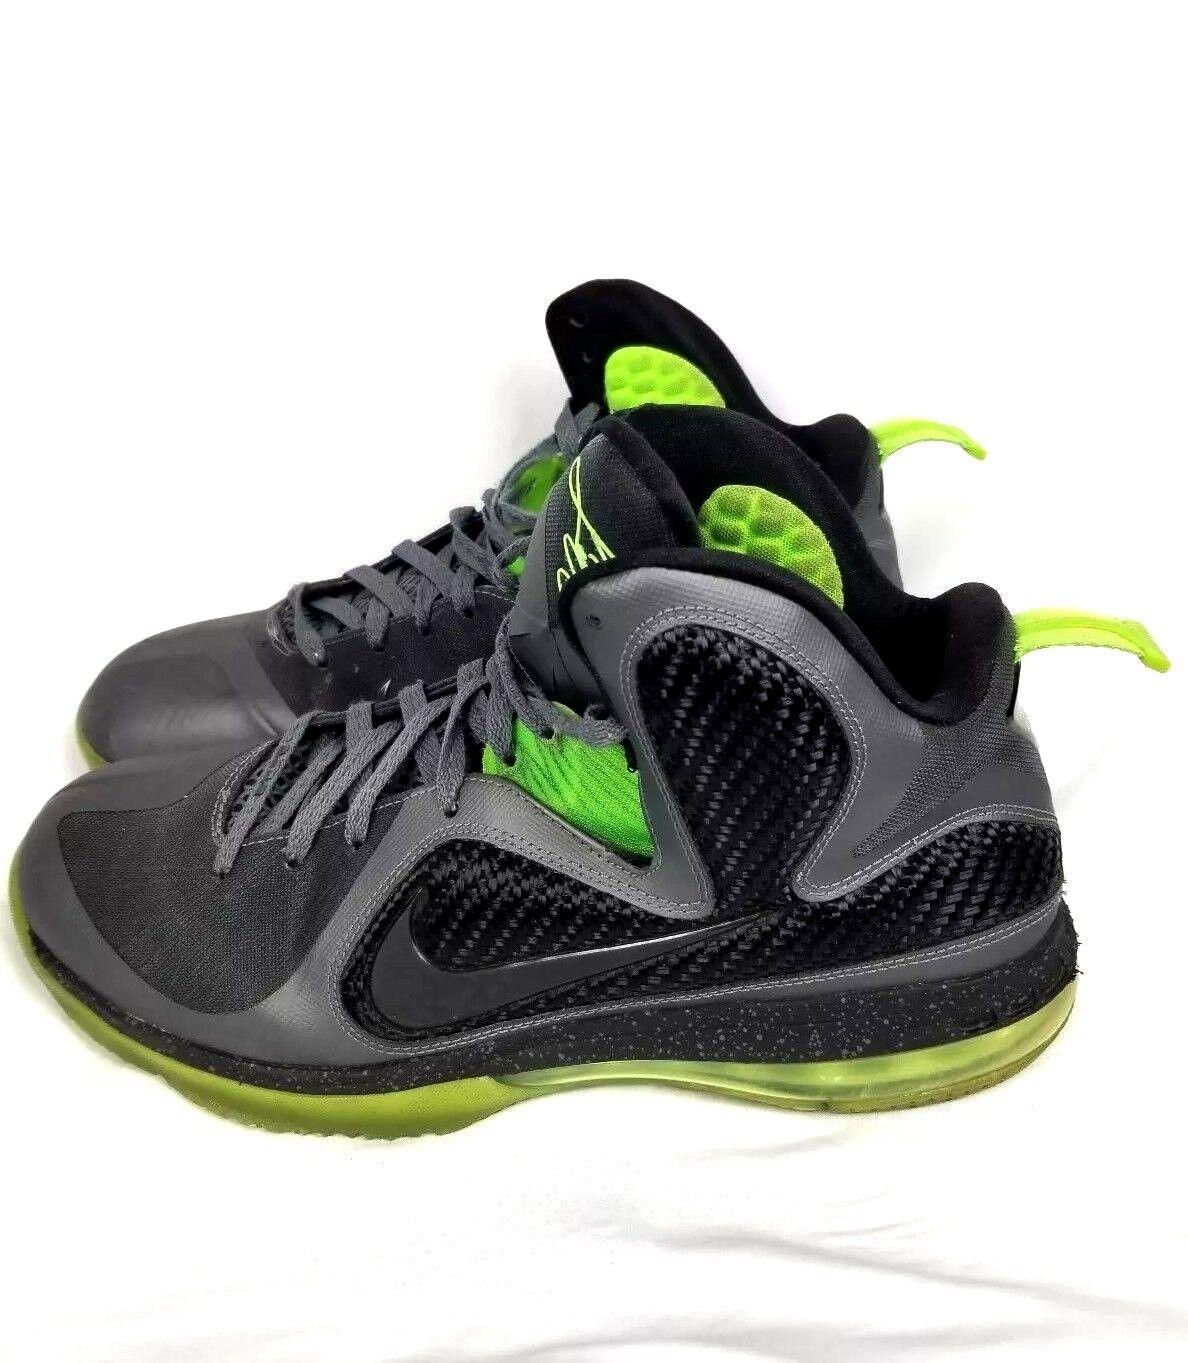 Details zu adidas TERREX AGRAVIC SPEED SCHUHE Herren Outdoor Schuhe S80863